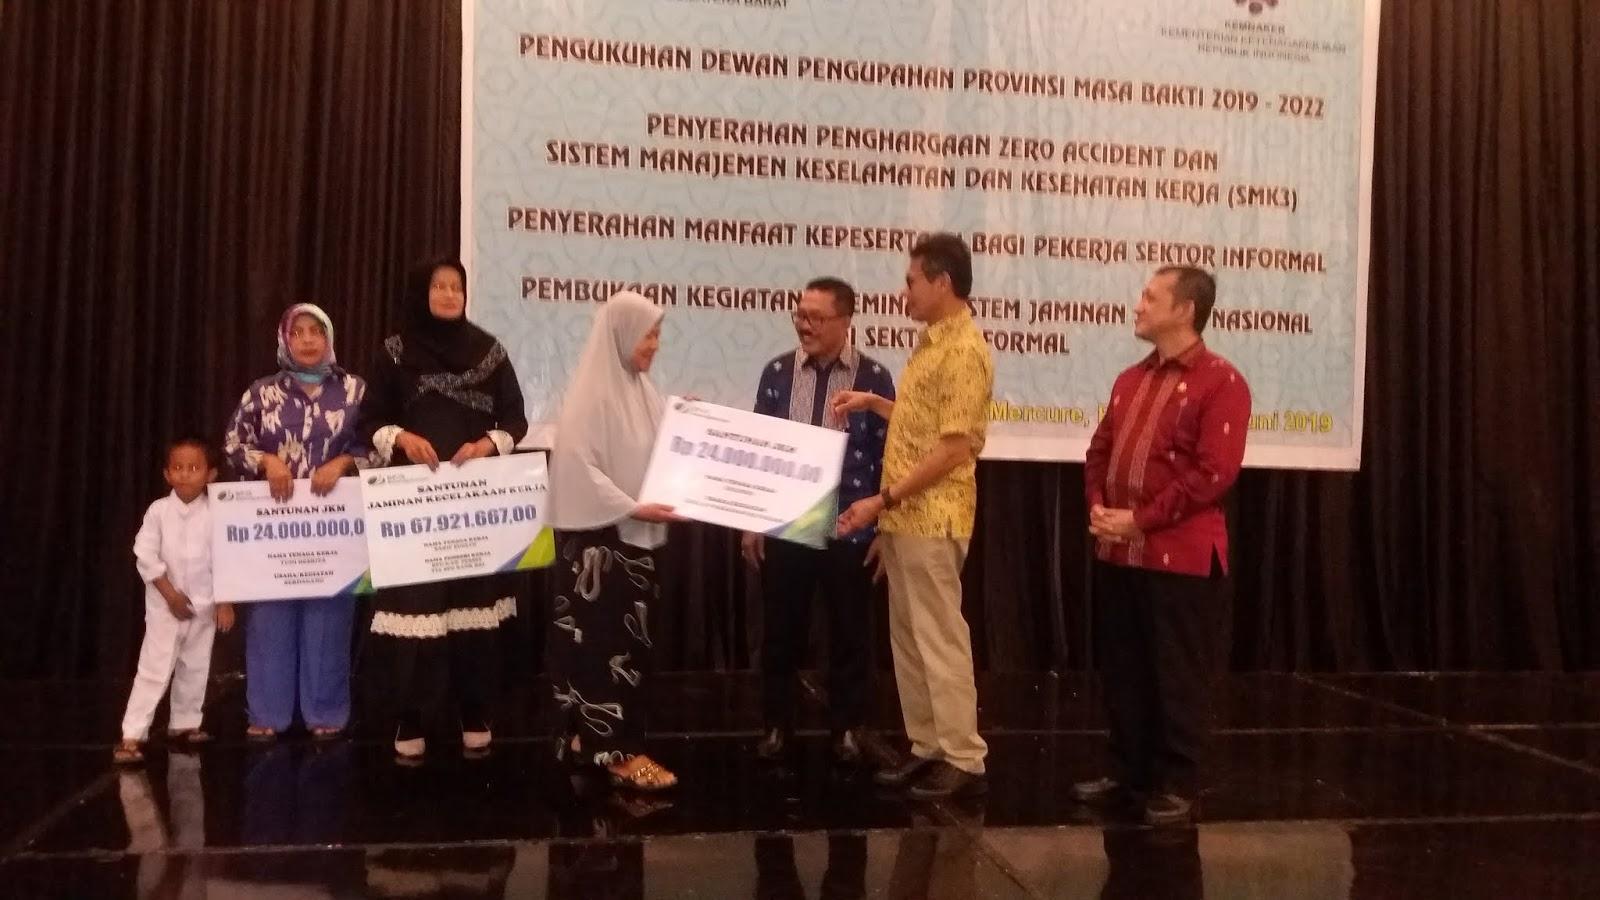 Bpjs Ketenagakerjaan Serahkan Santunan Kepada Ahli Waris Rp115 Juta Lebih